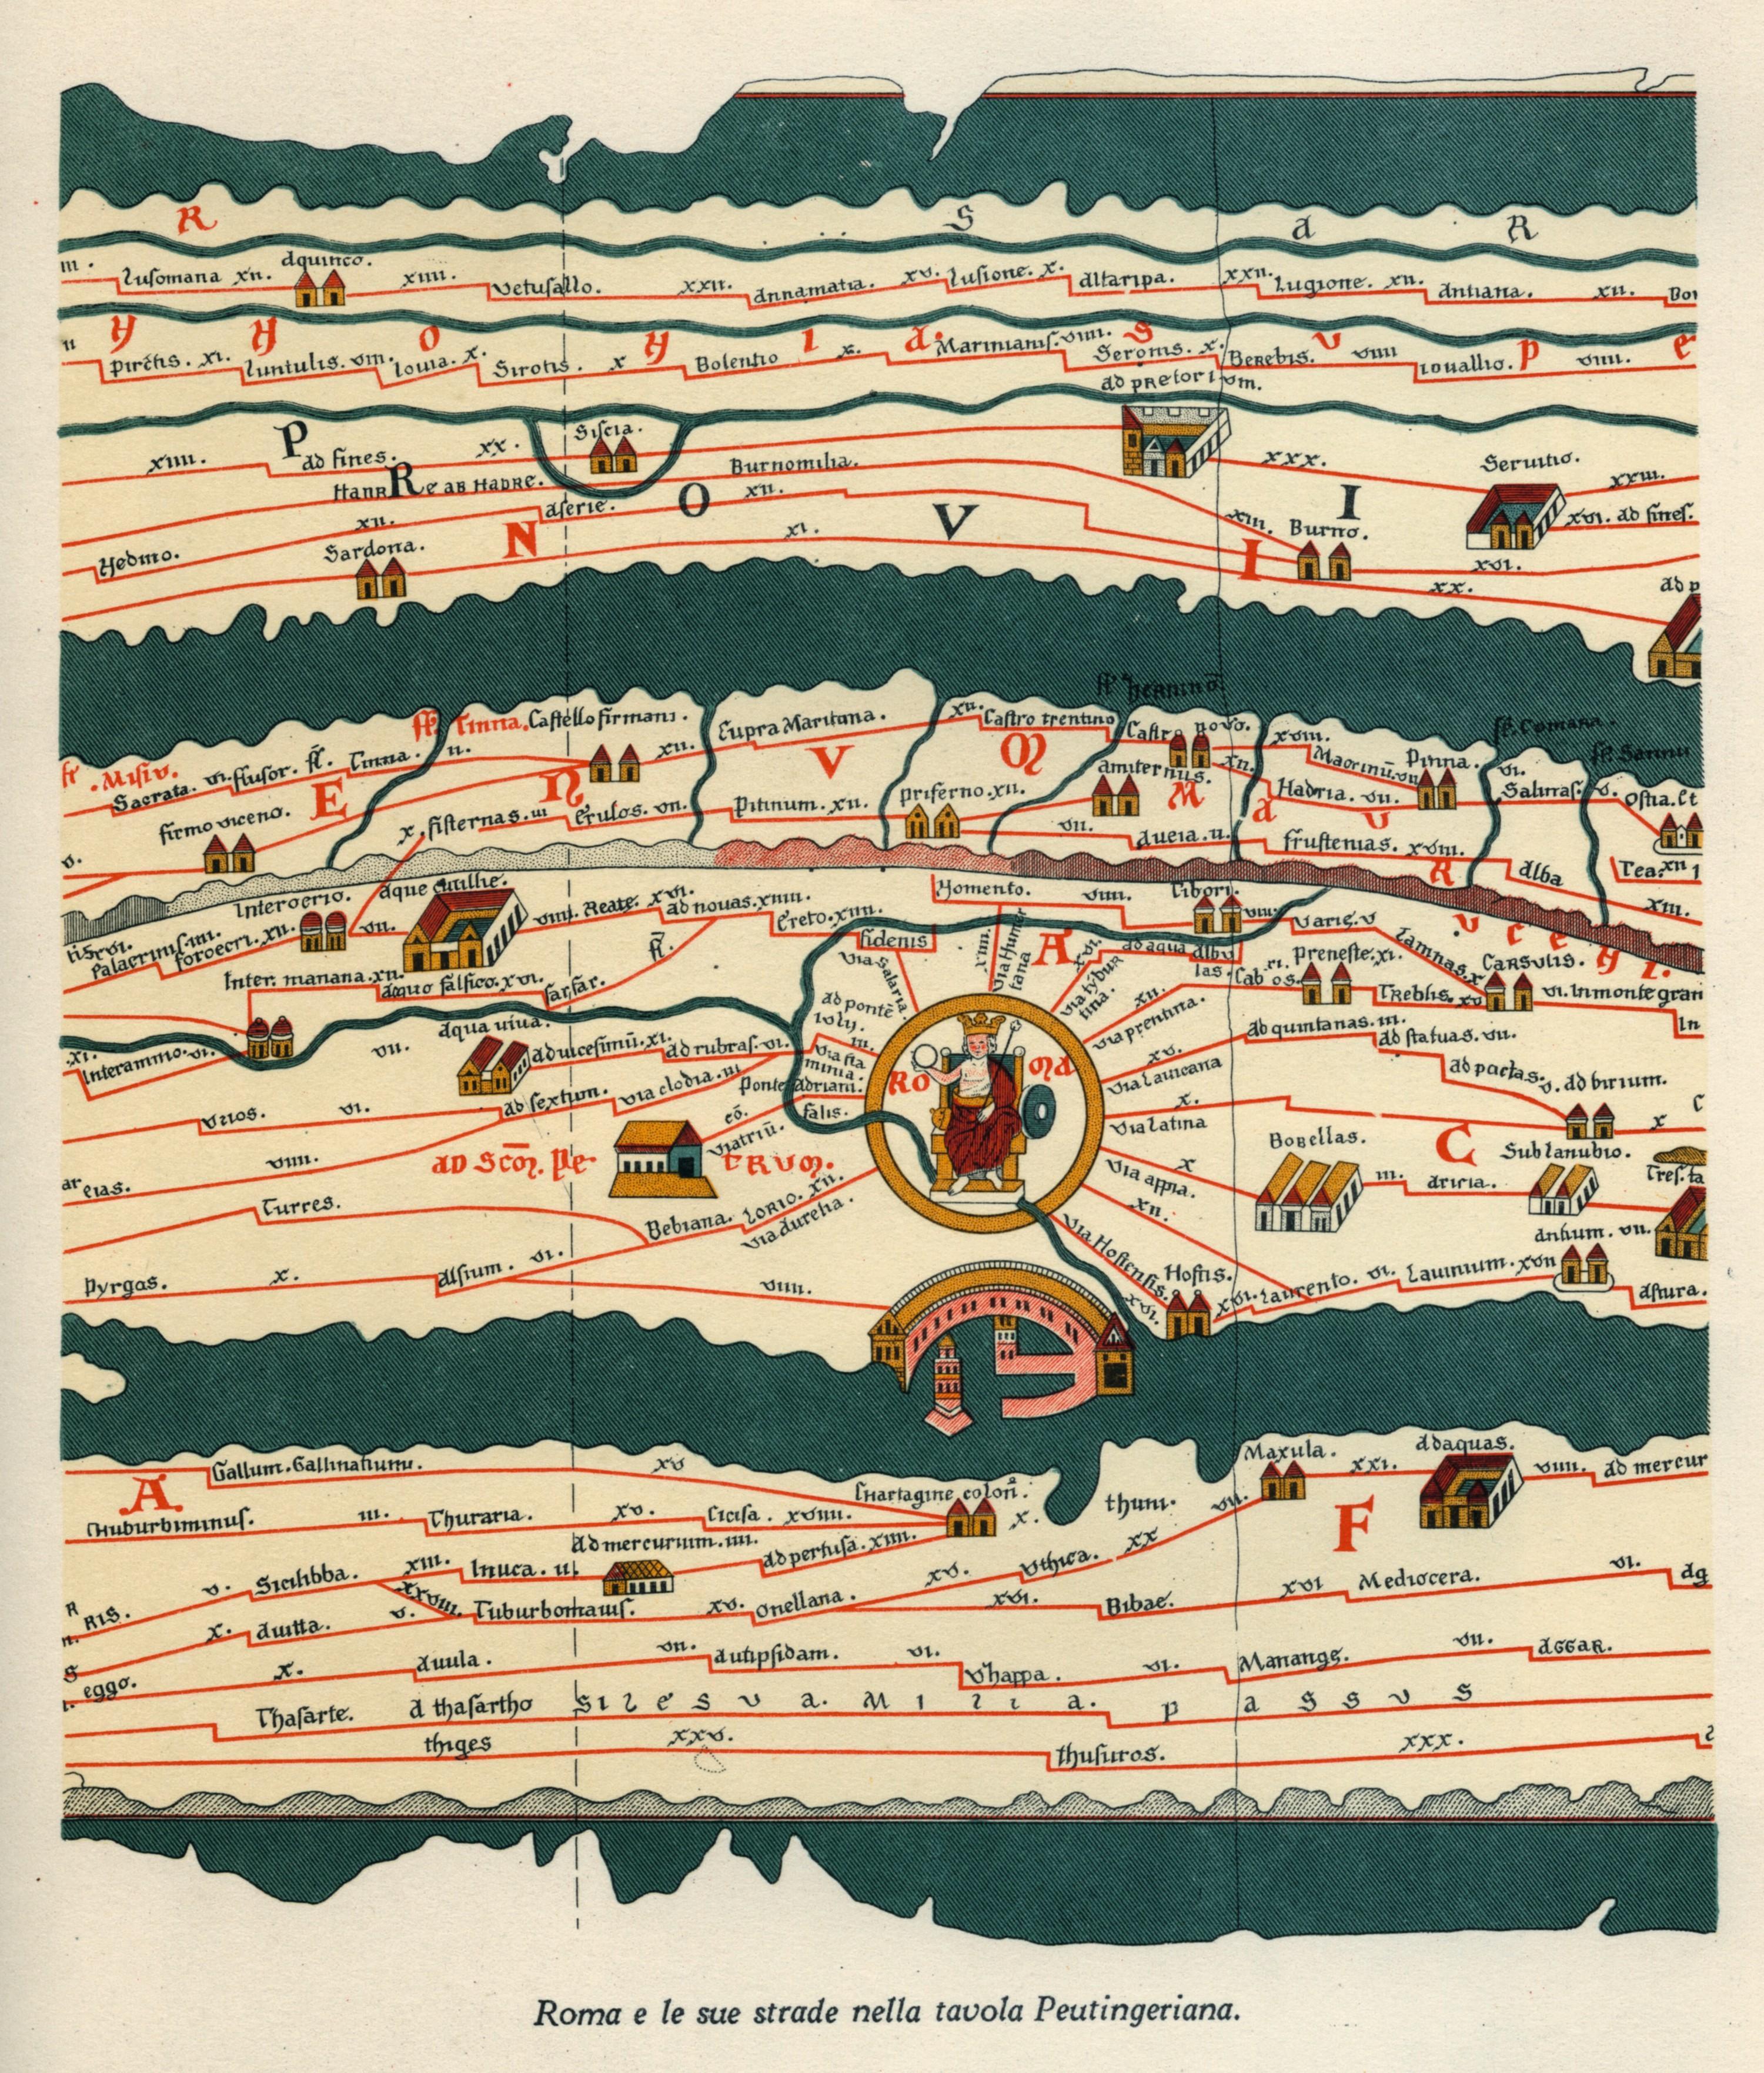 Table de Peutinger, détail d'une carte antique, copie médiévale, XIIIe siècle